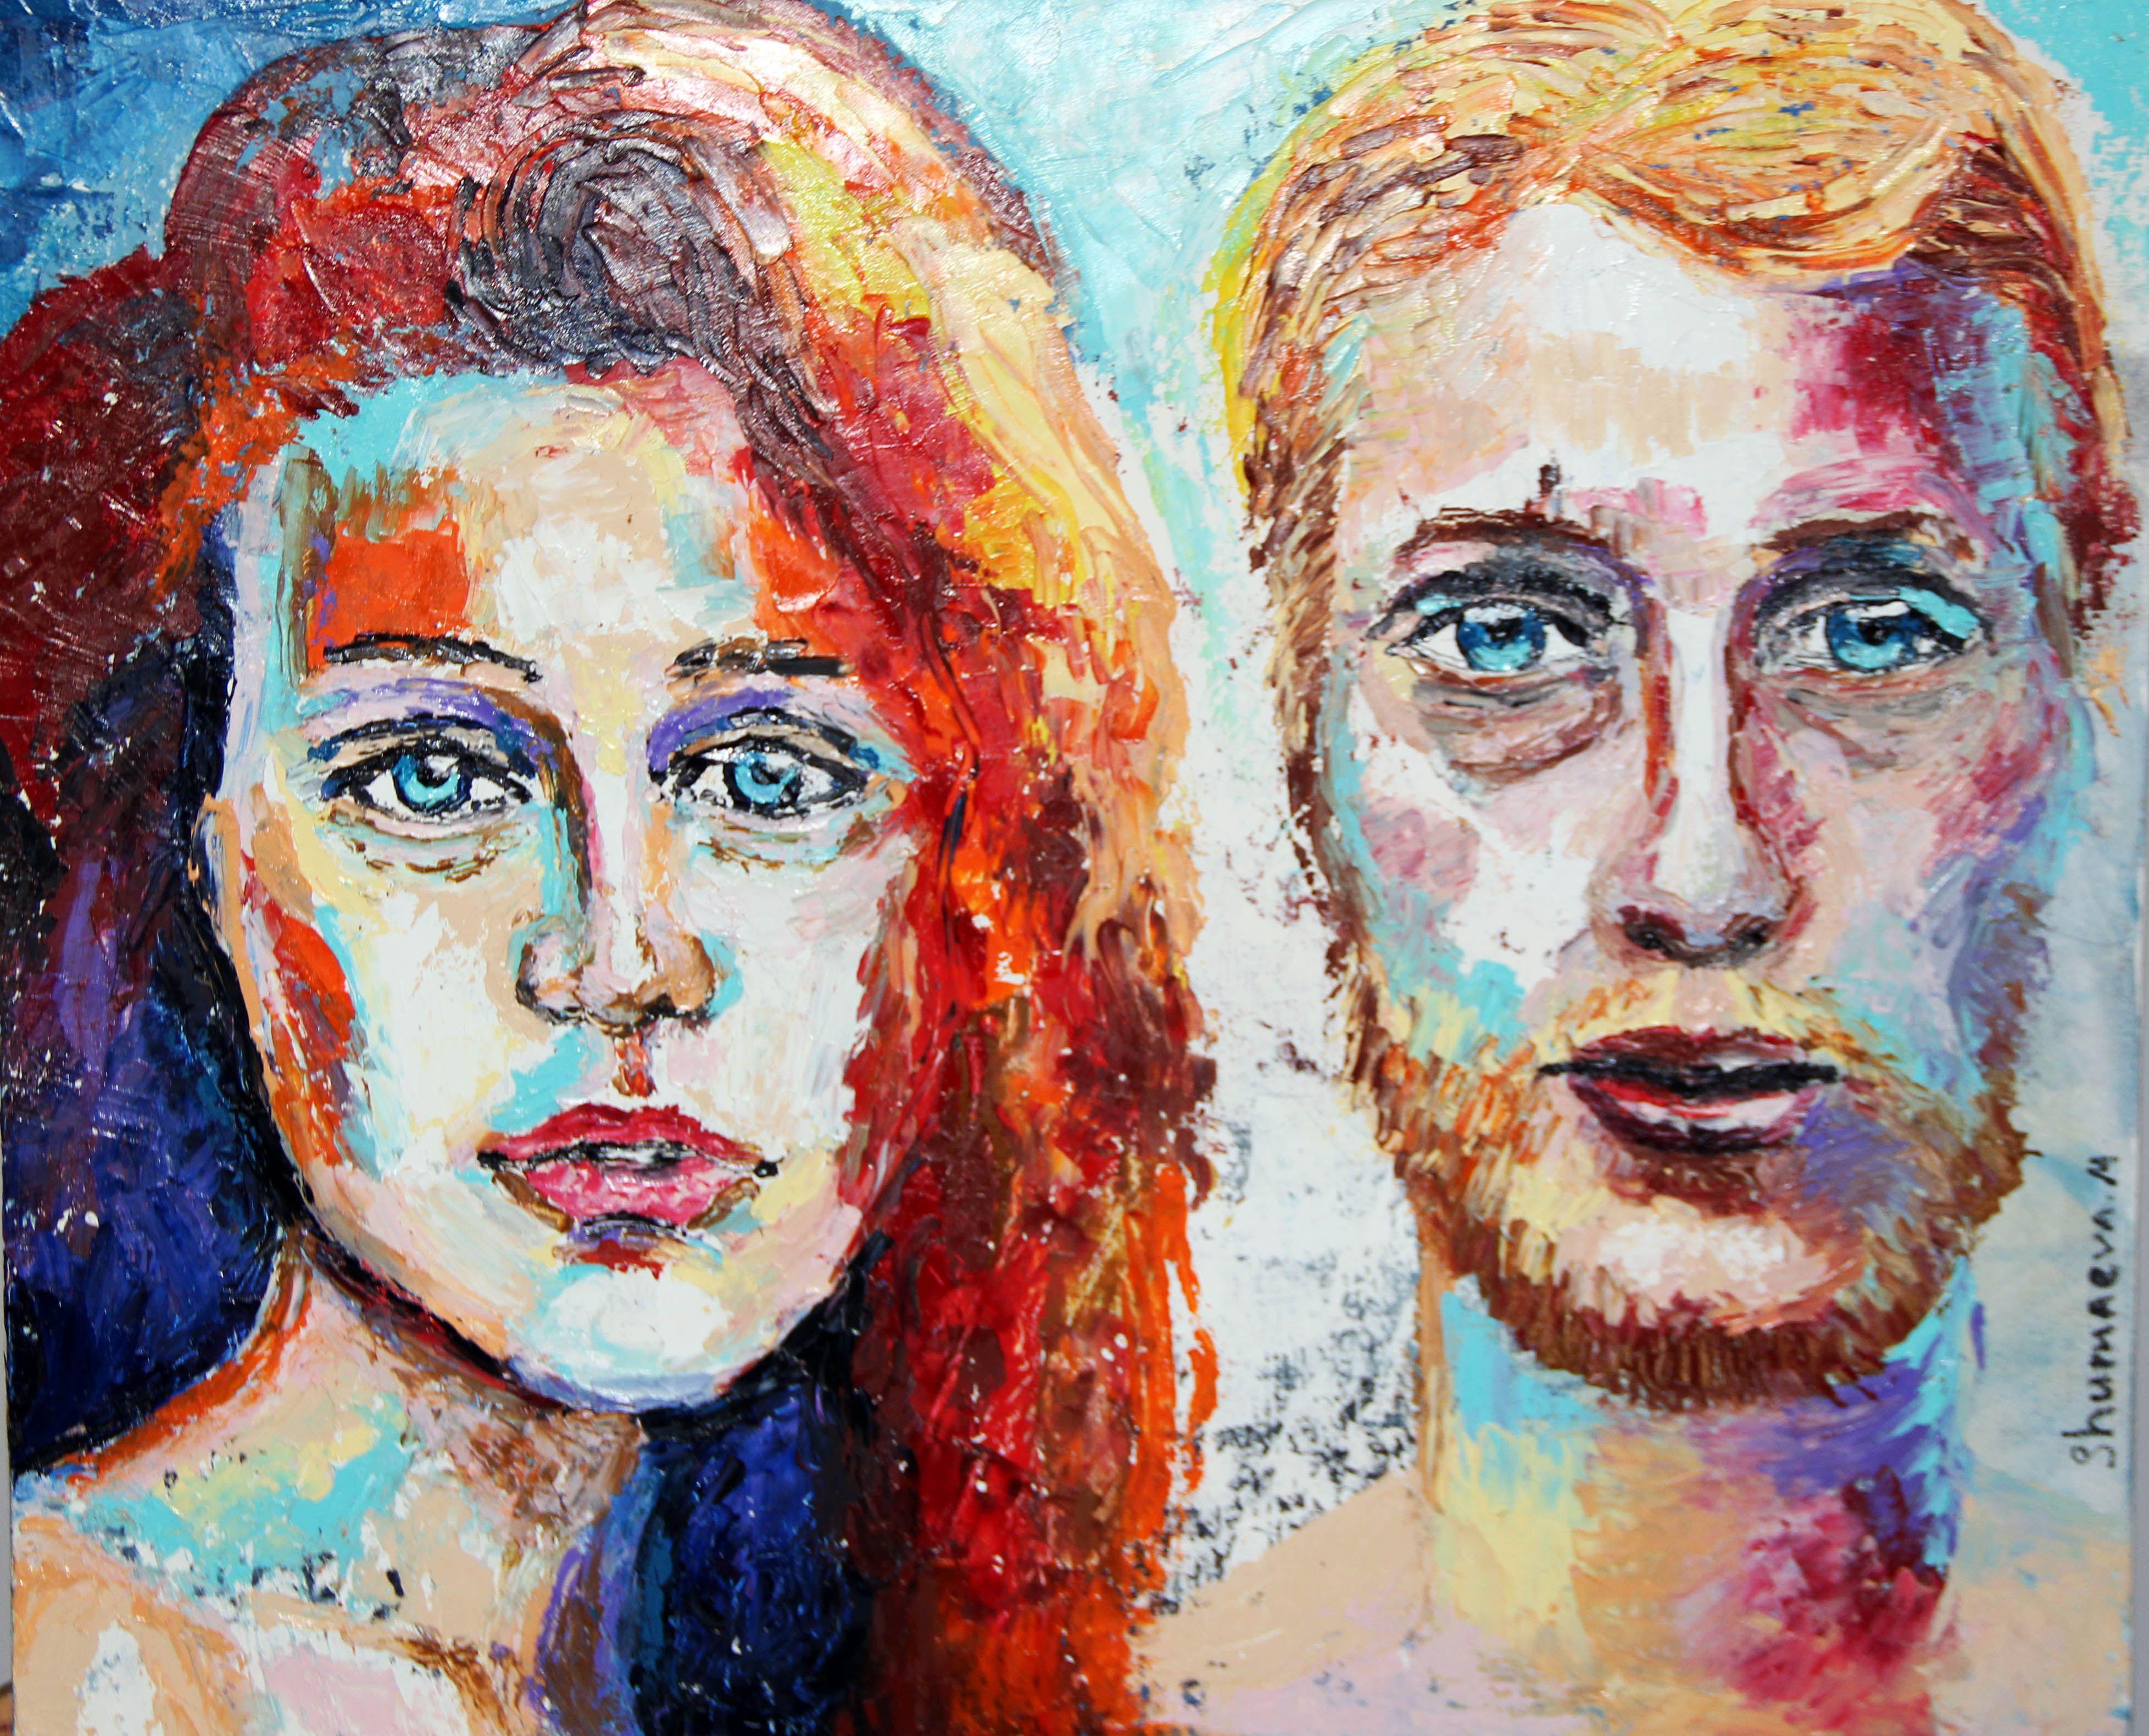 абстракция люди холст живопись портрет мастихин масло